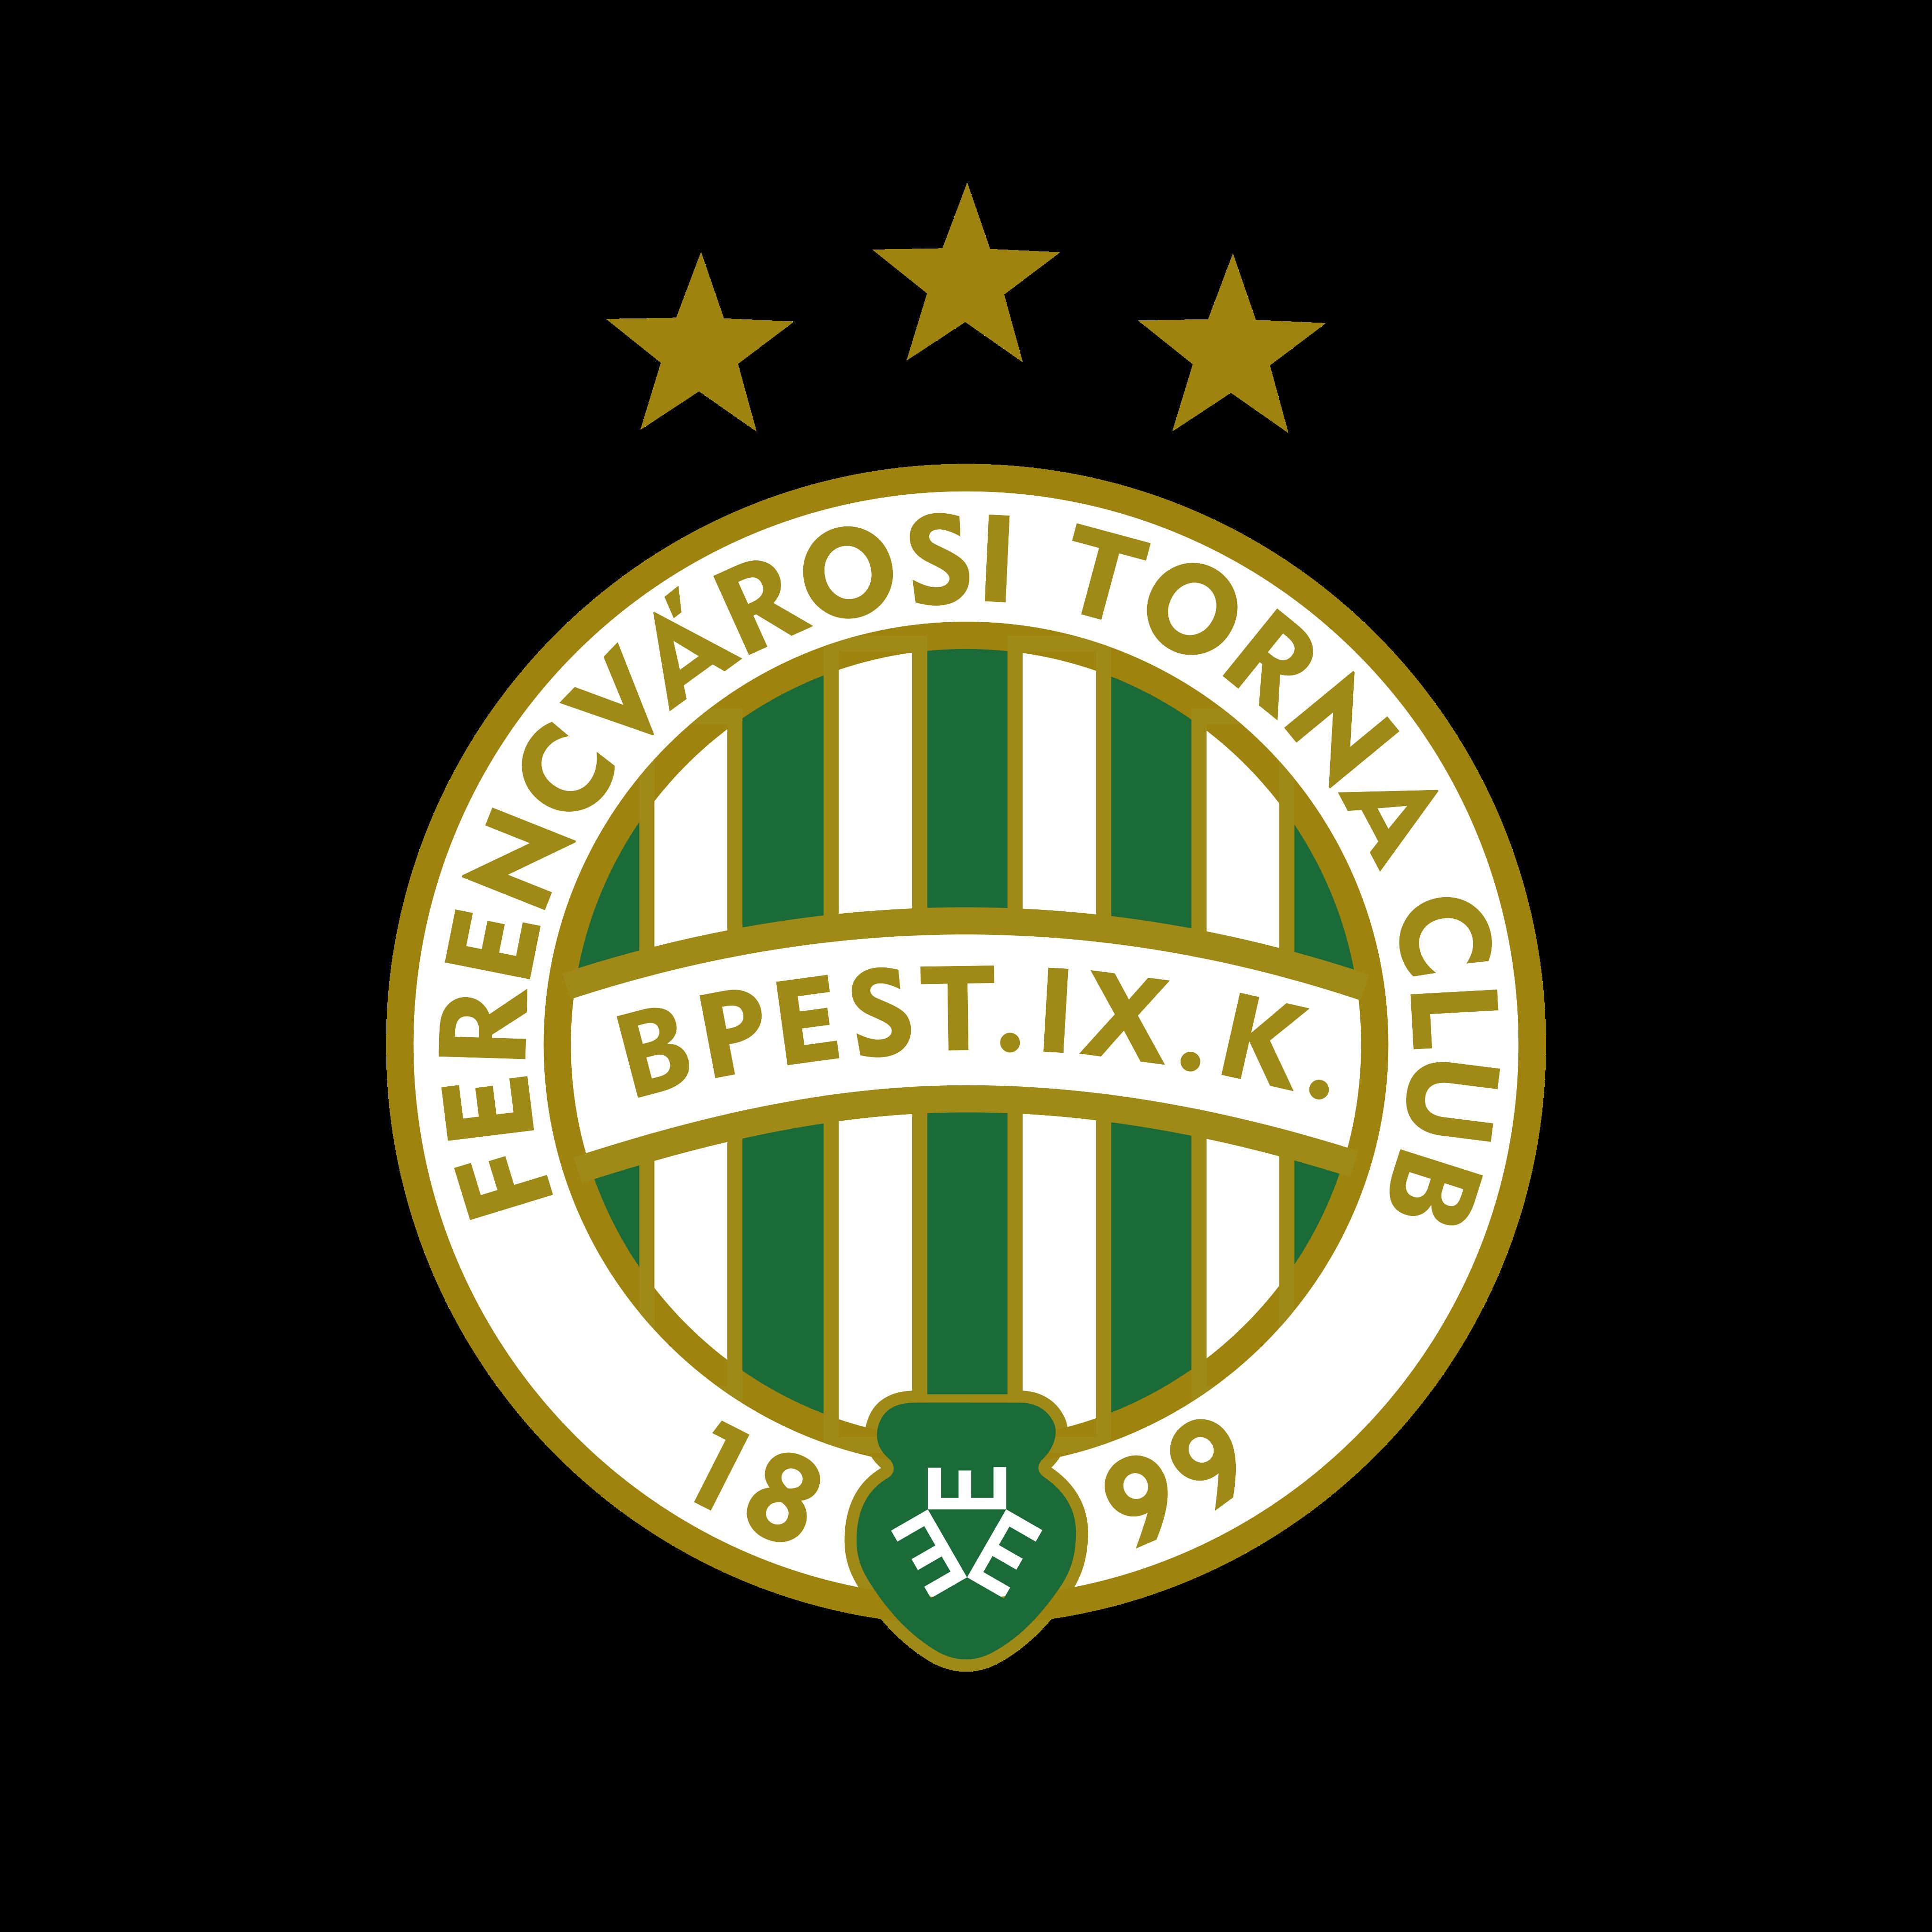 ferencvarosi torna club logo 0 - Ferencvárosi Torna Club Logo